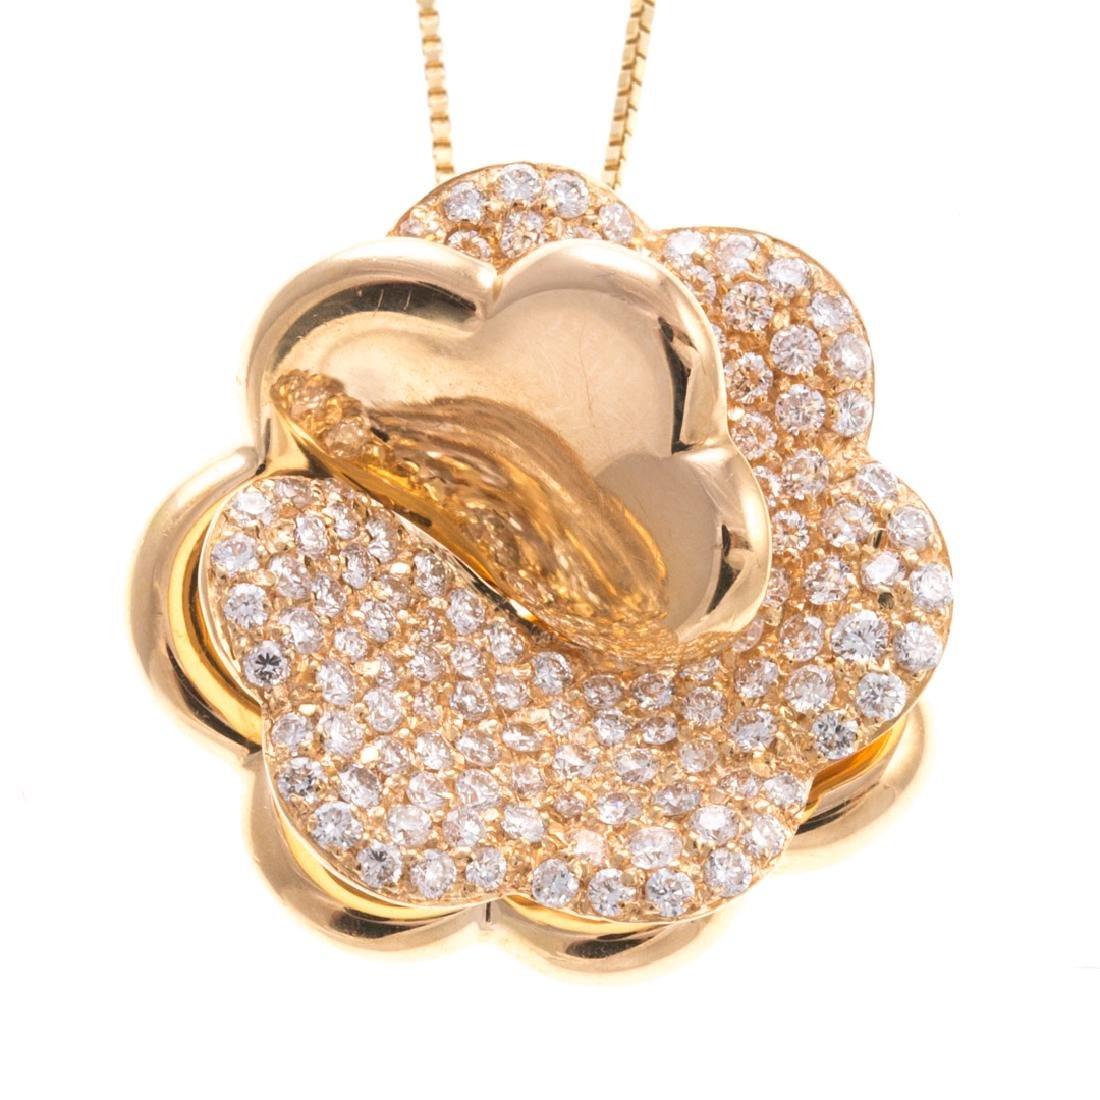 A Giorgio Visconti Diamond Flower Necklace in 18K - 2